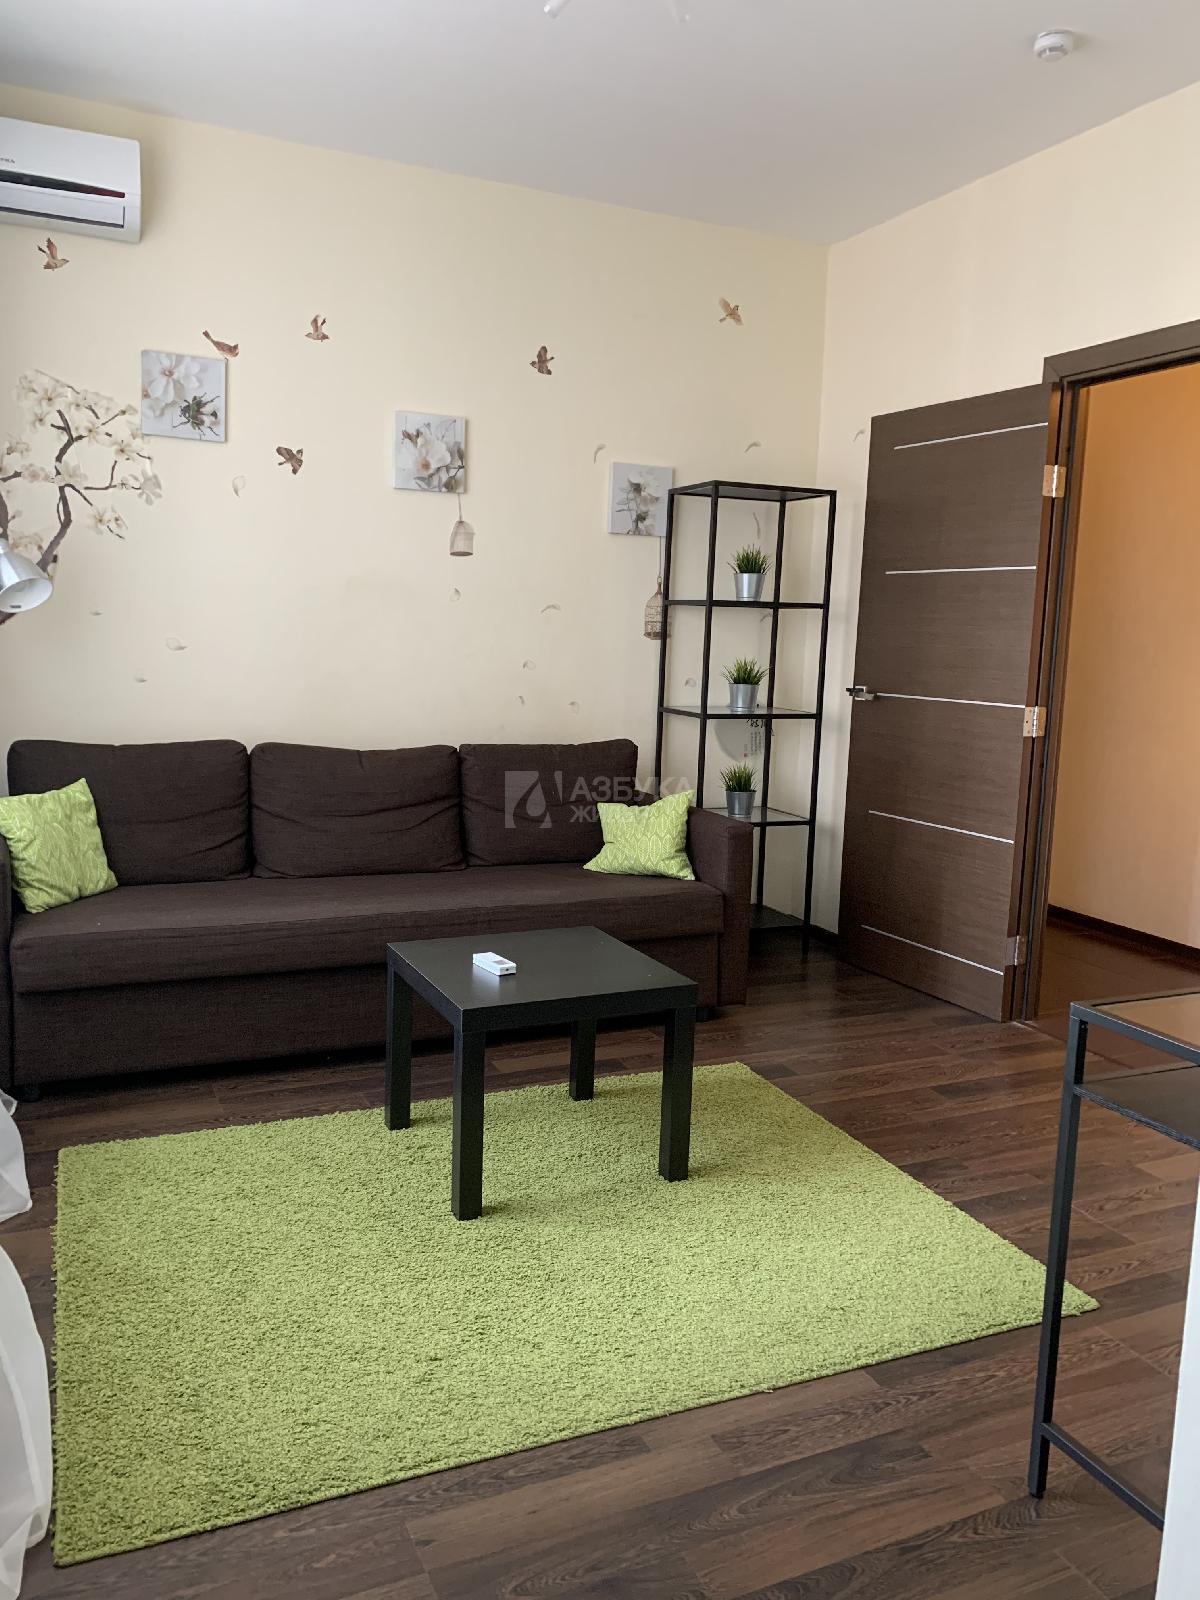 Фото №15 - 2-комнатная квартира, Москва, Митинская улица 28 корпус 2, метро Митино